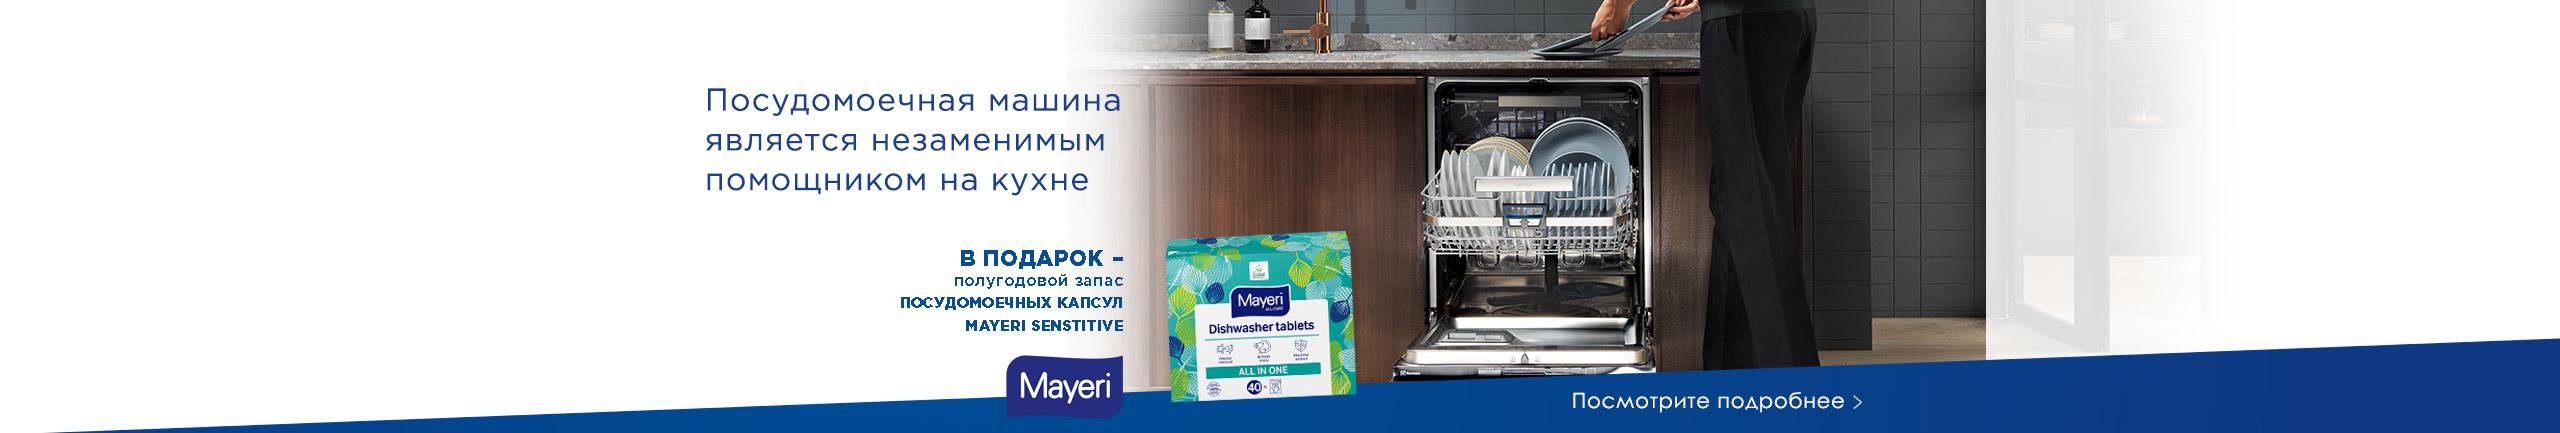 Посудомоечная машина является незаменимым помощником на кухне